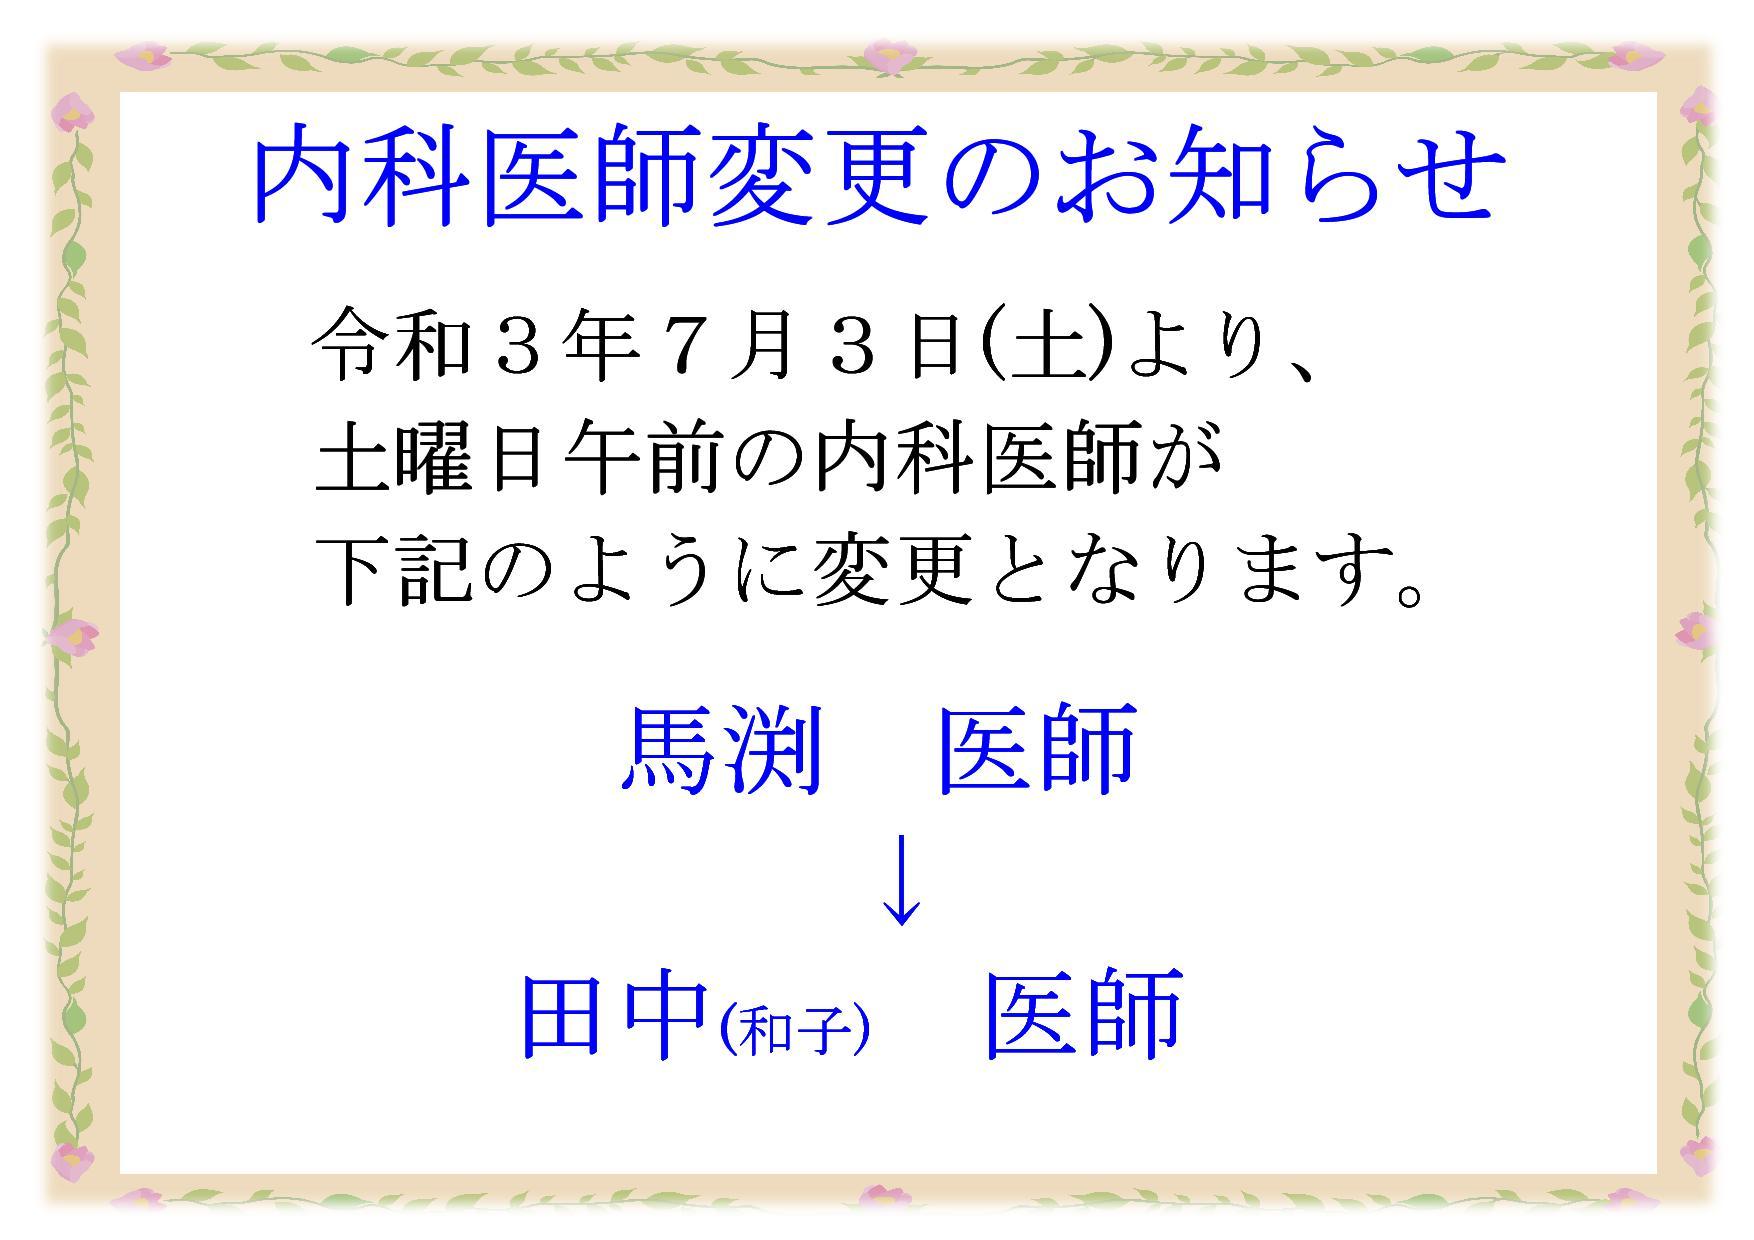 令和3年7月3日より、内科外来担当医師が馬渕医師から田中(和子)医師へ変更となります。